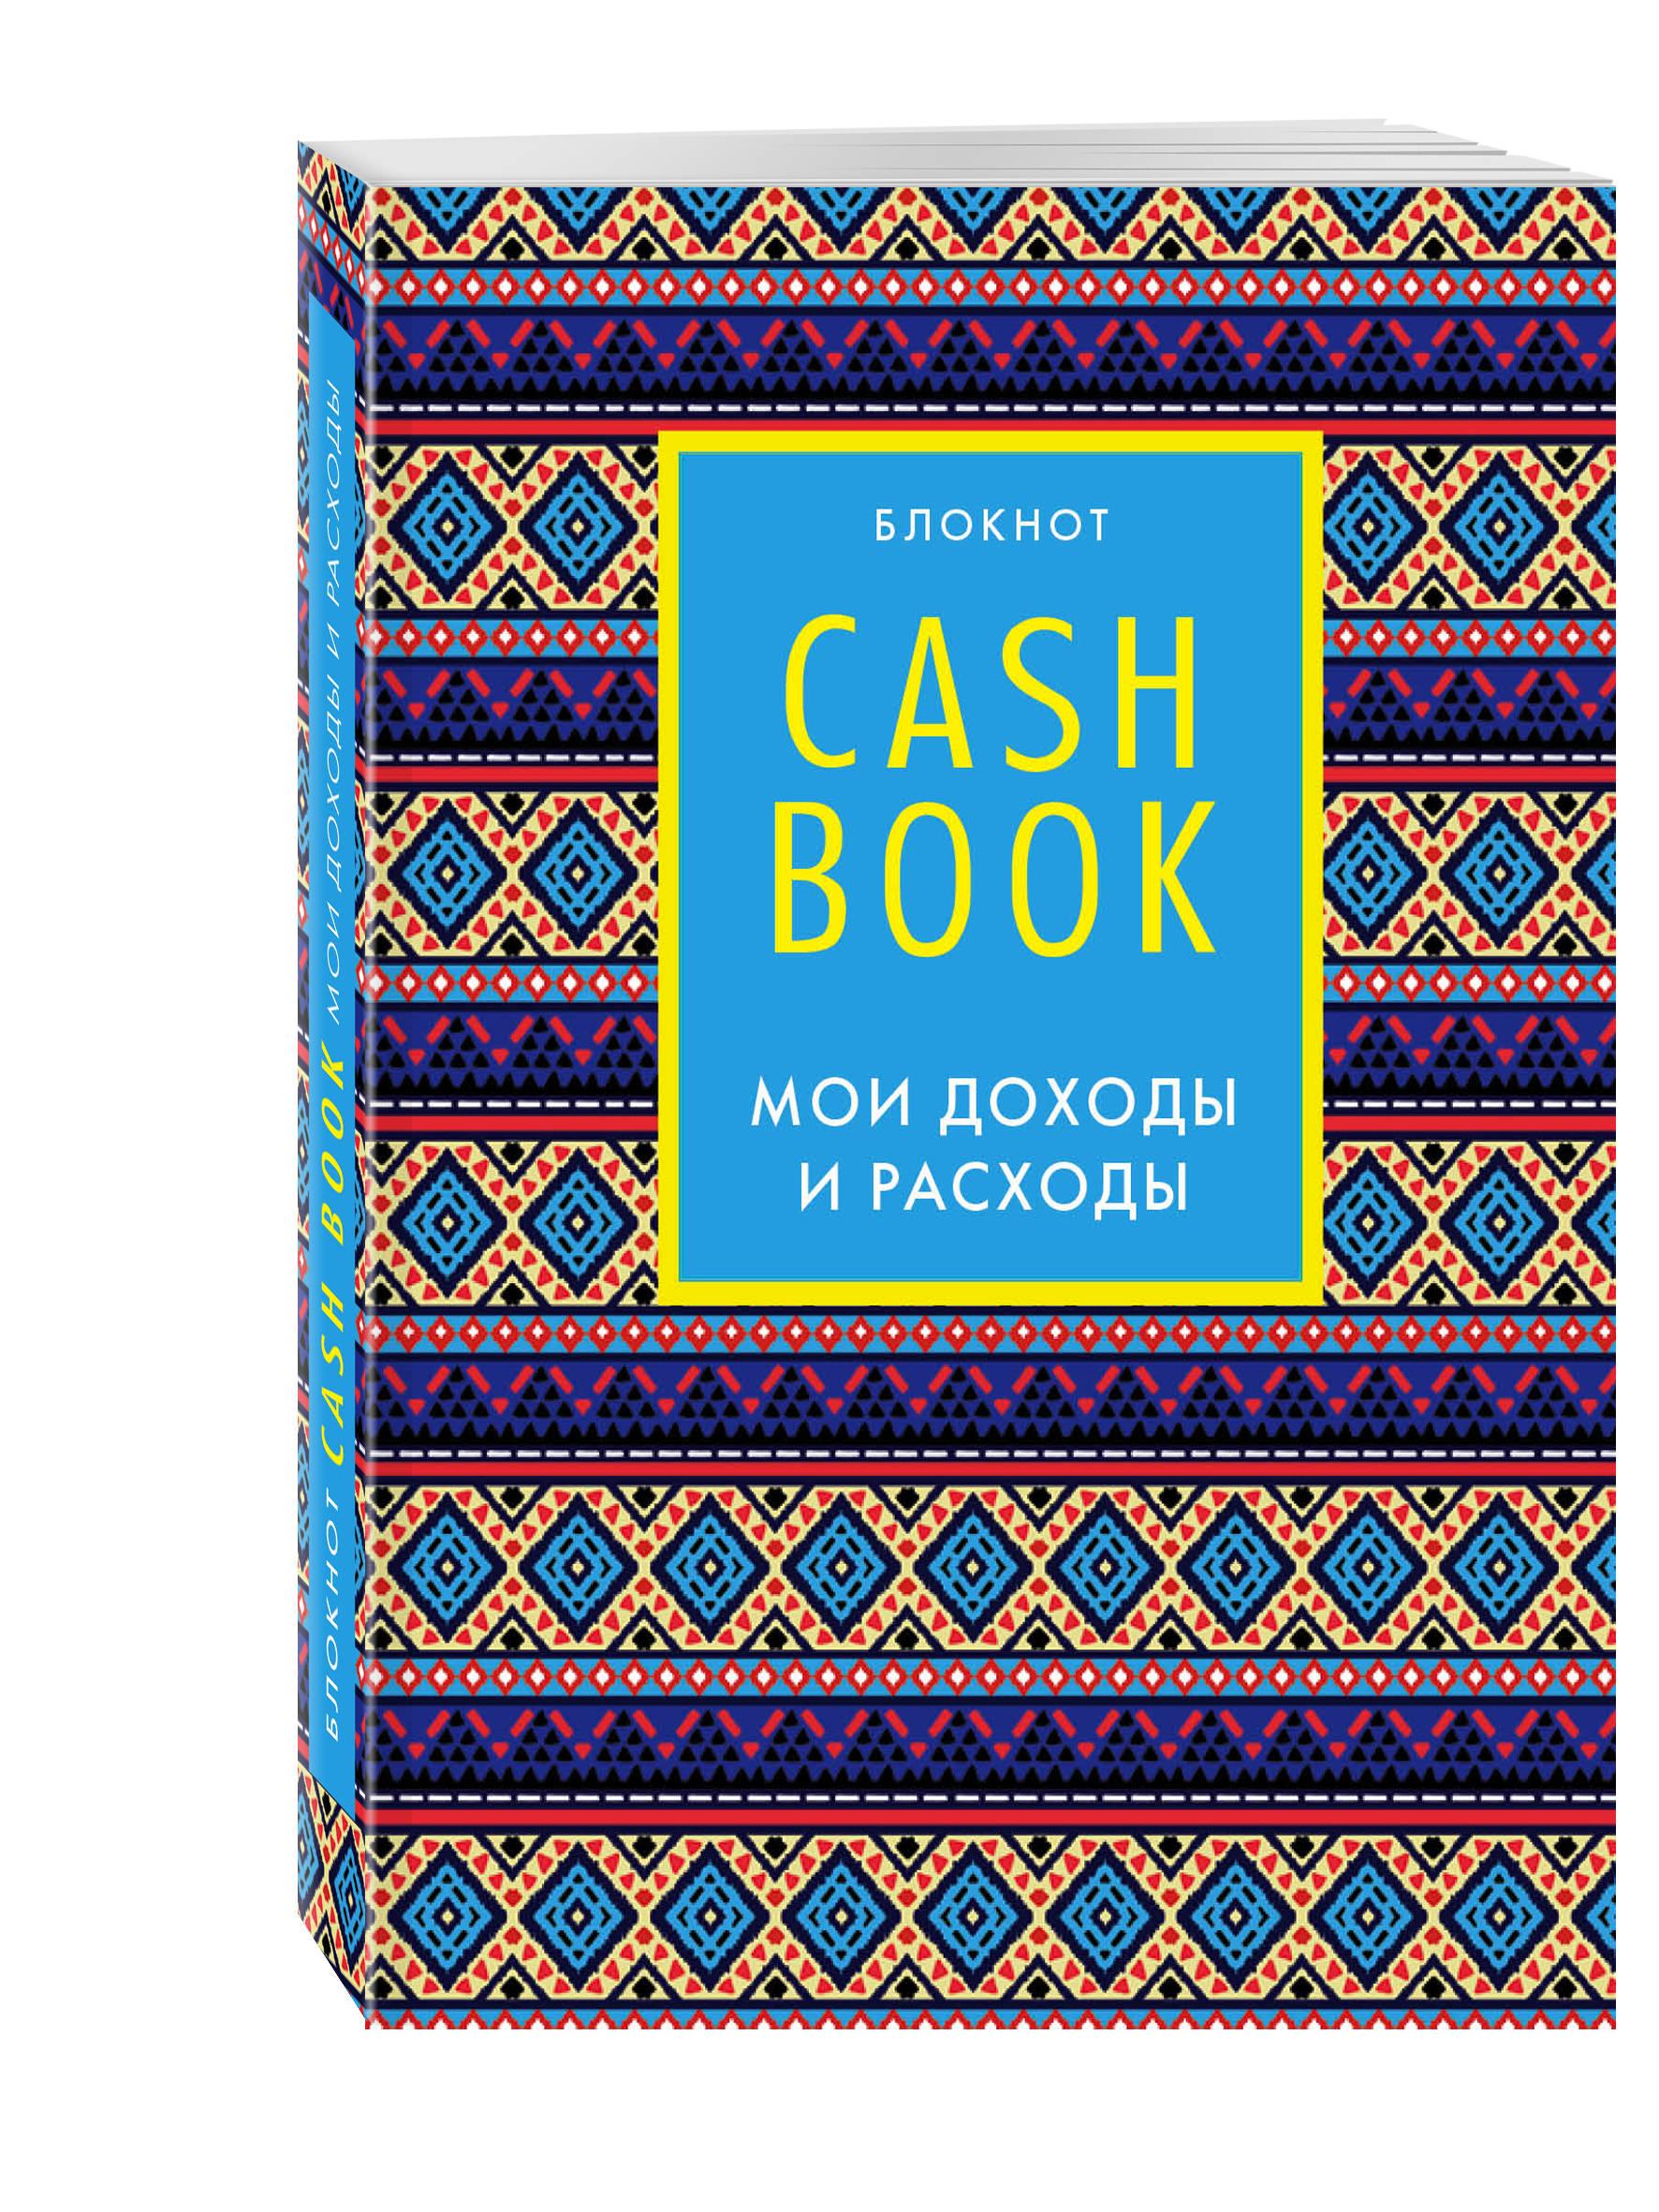 CashBook. Мои доходы и расходы. 5-е издание (4 оформление) cashbook мои доходы и расходы 5 е издание 4 оформление